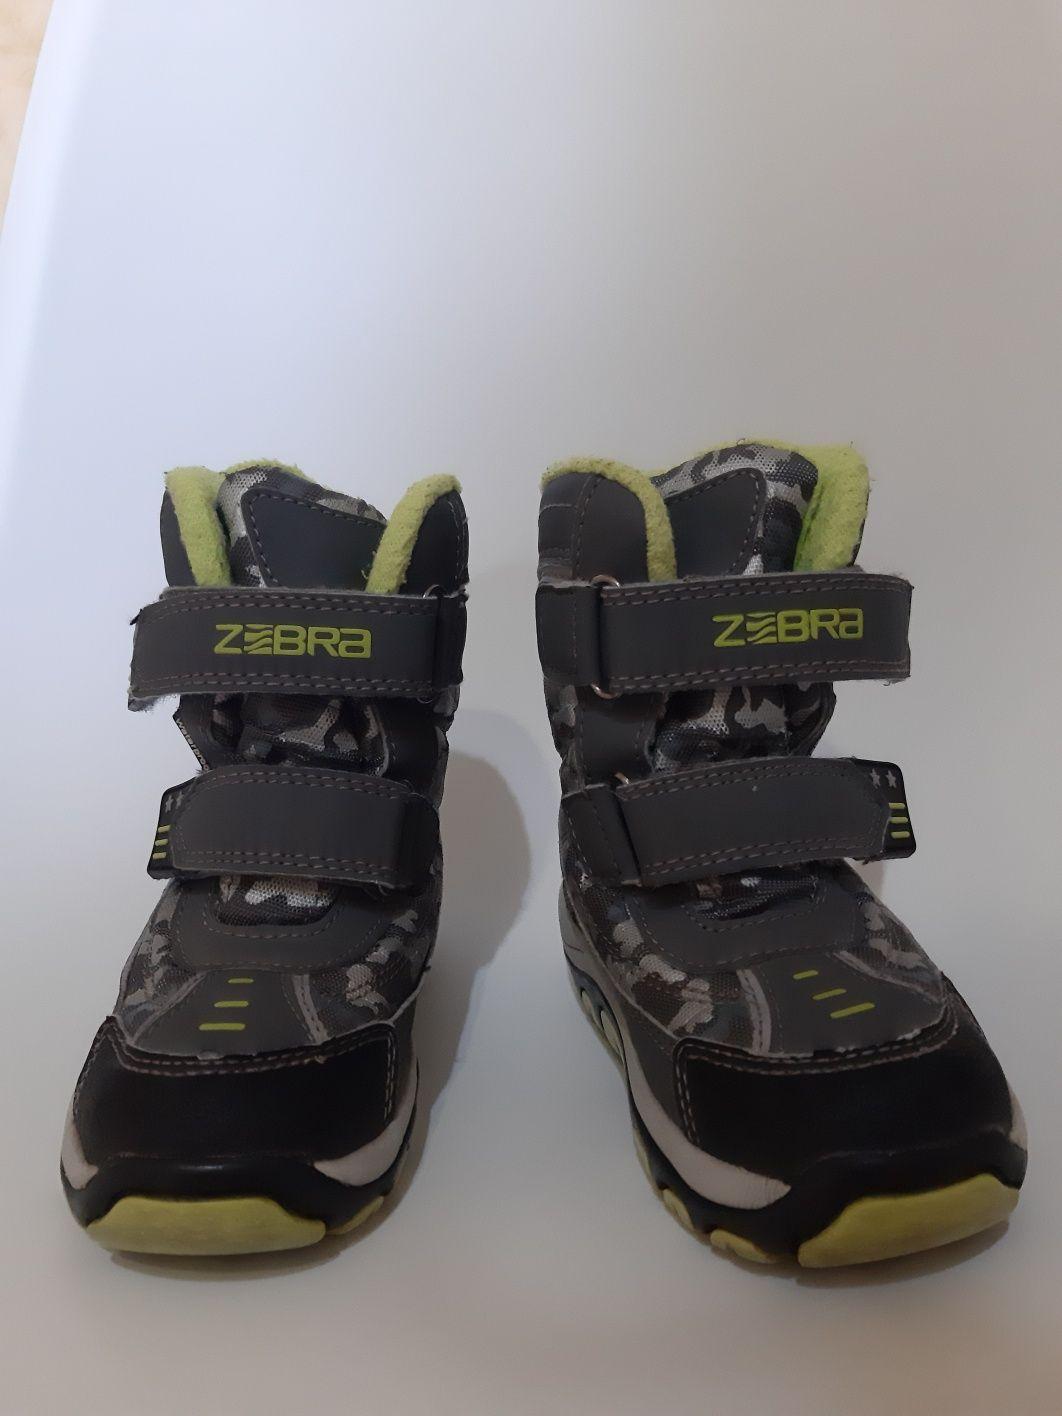 Детская обувь почти новая. Срочно. Мало носили. Чистая